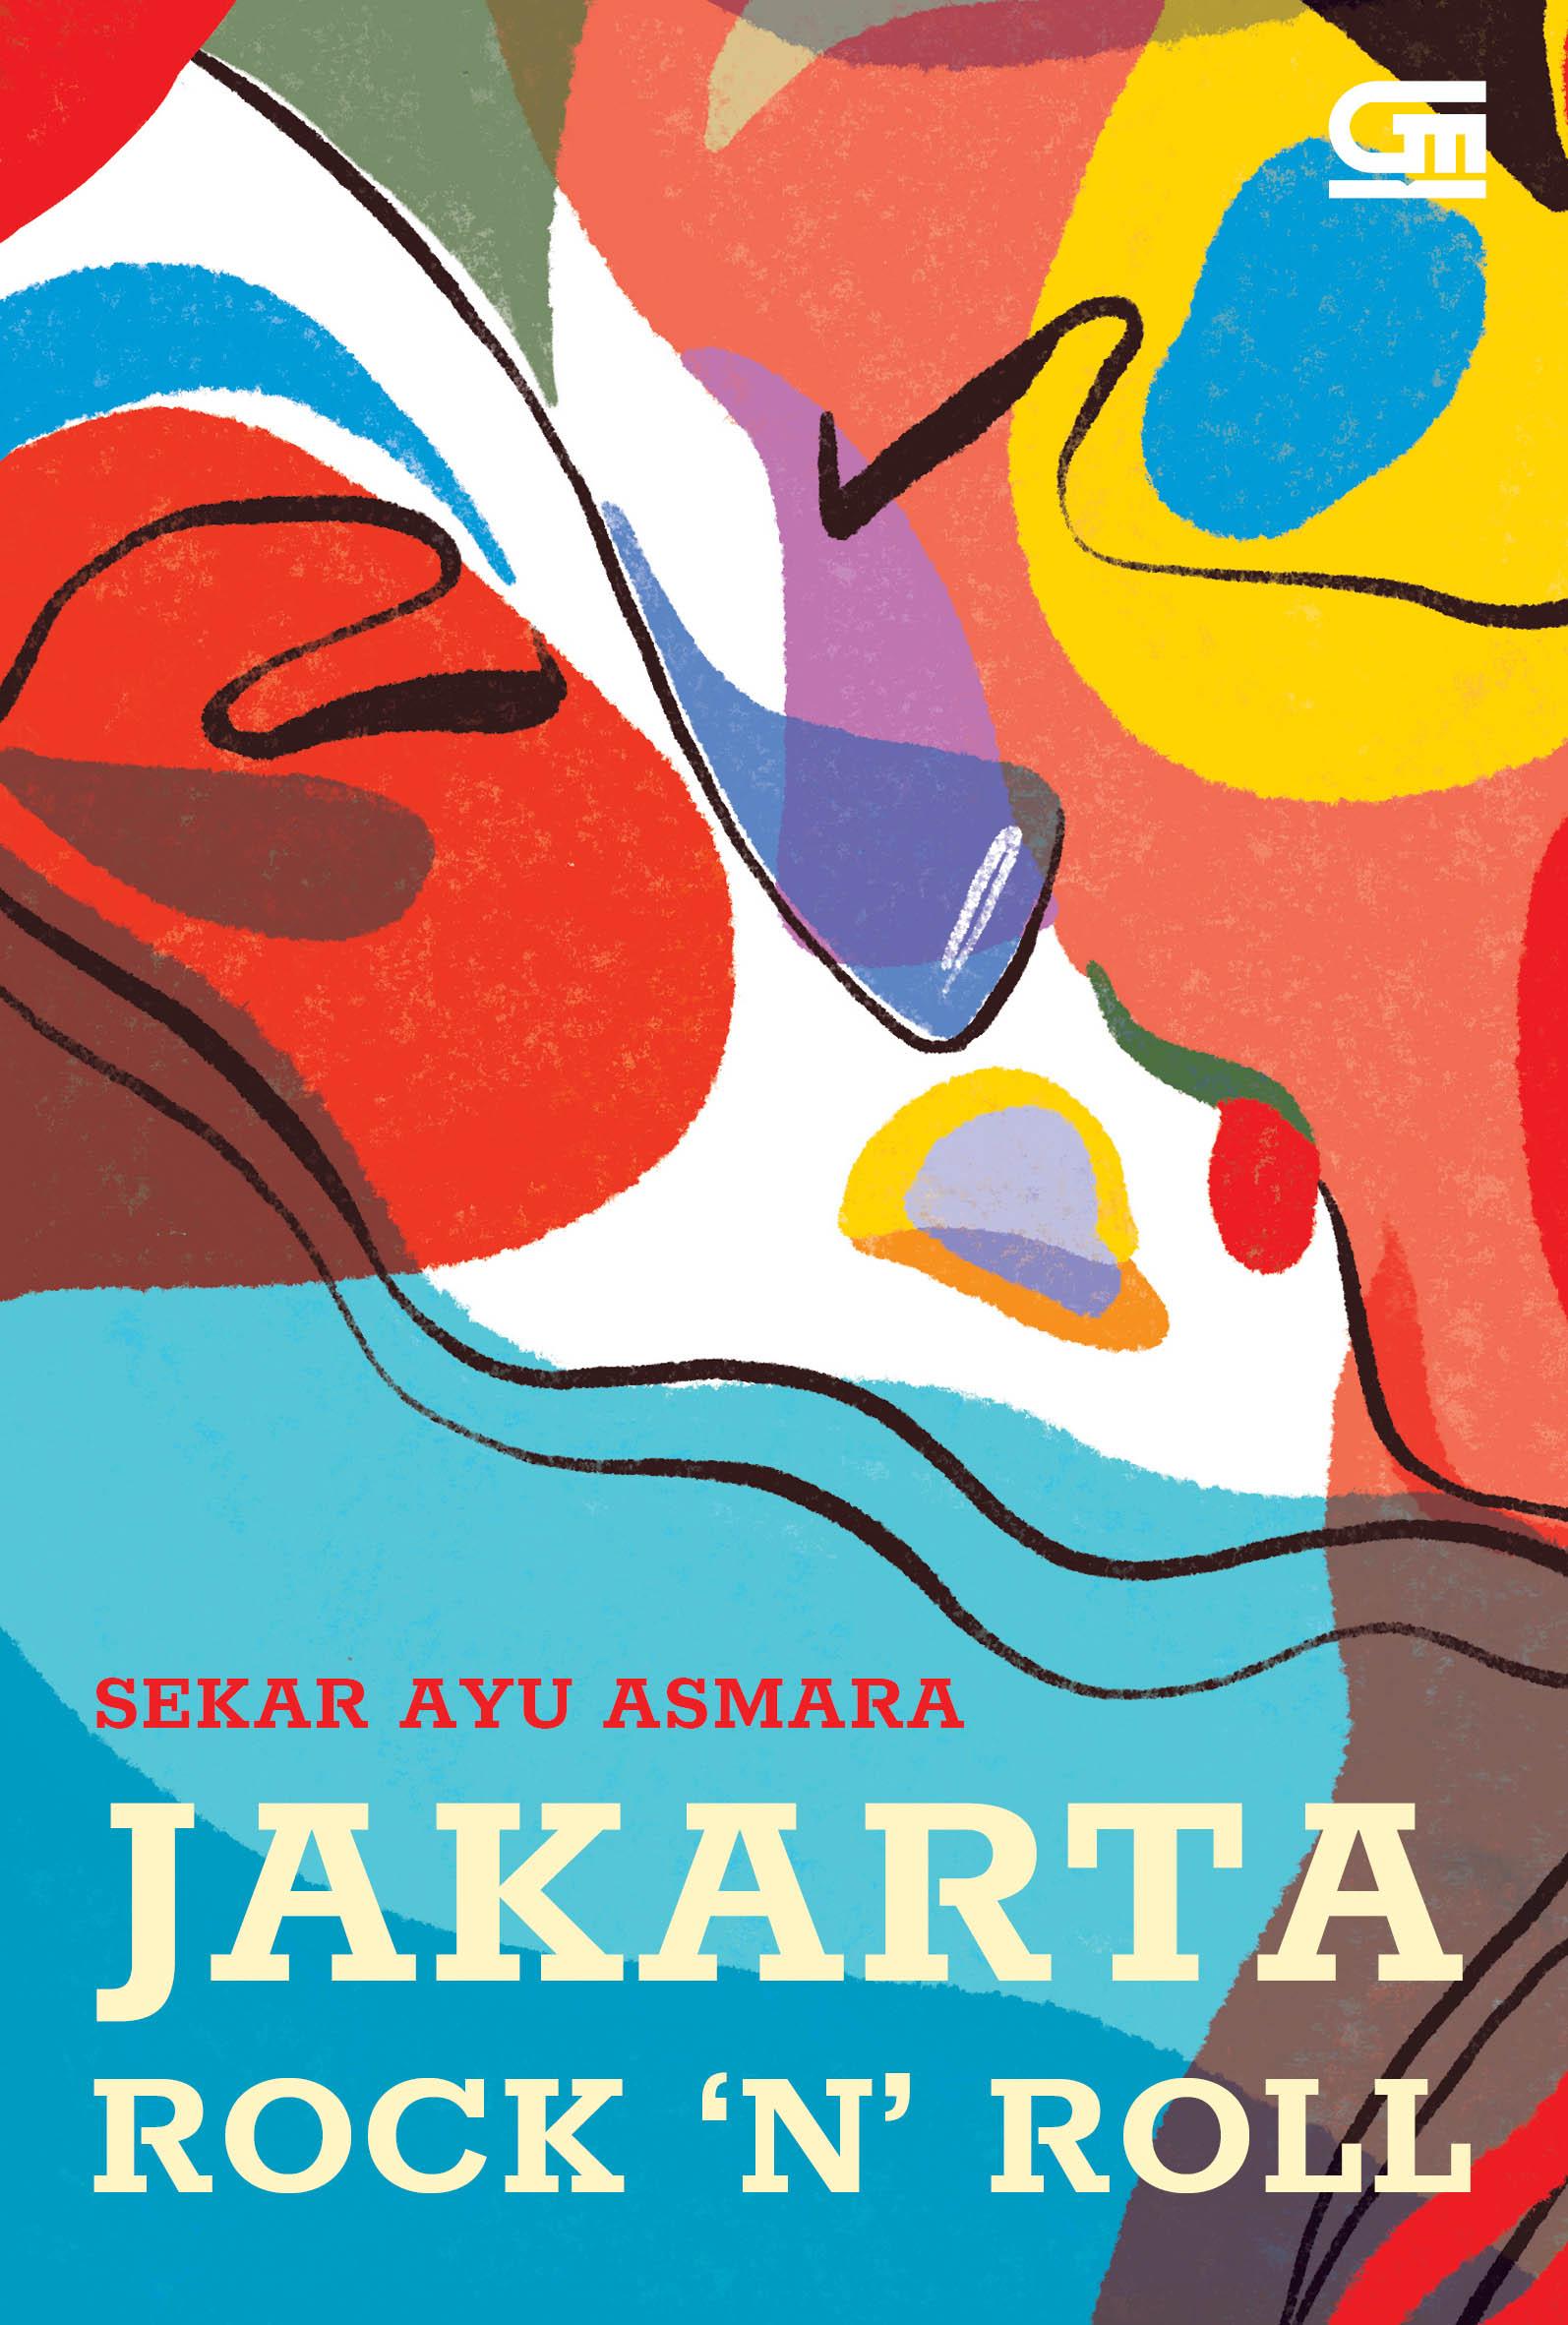 MetroPop: Jakarta Rock \'N\' Roll